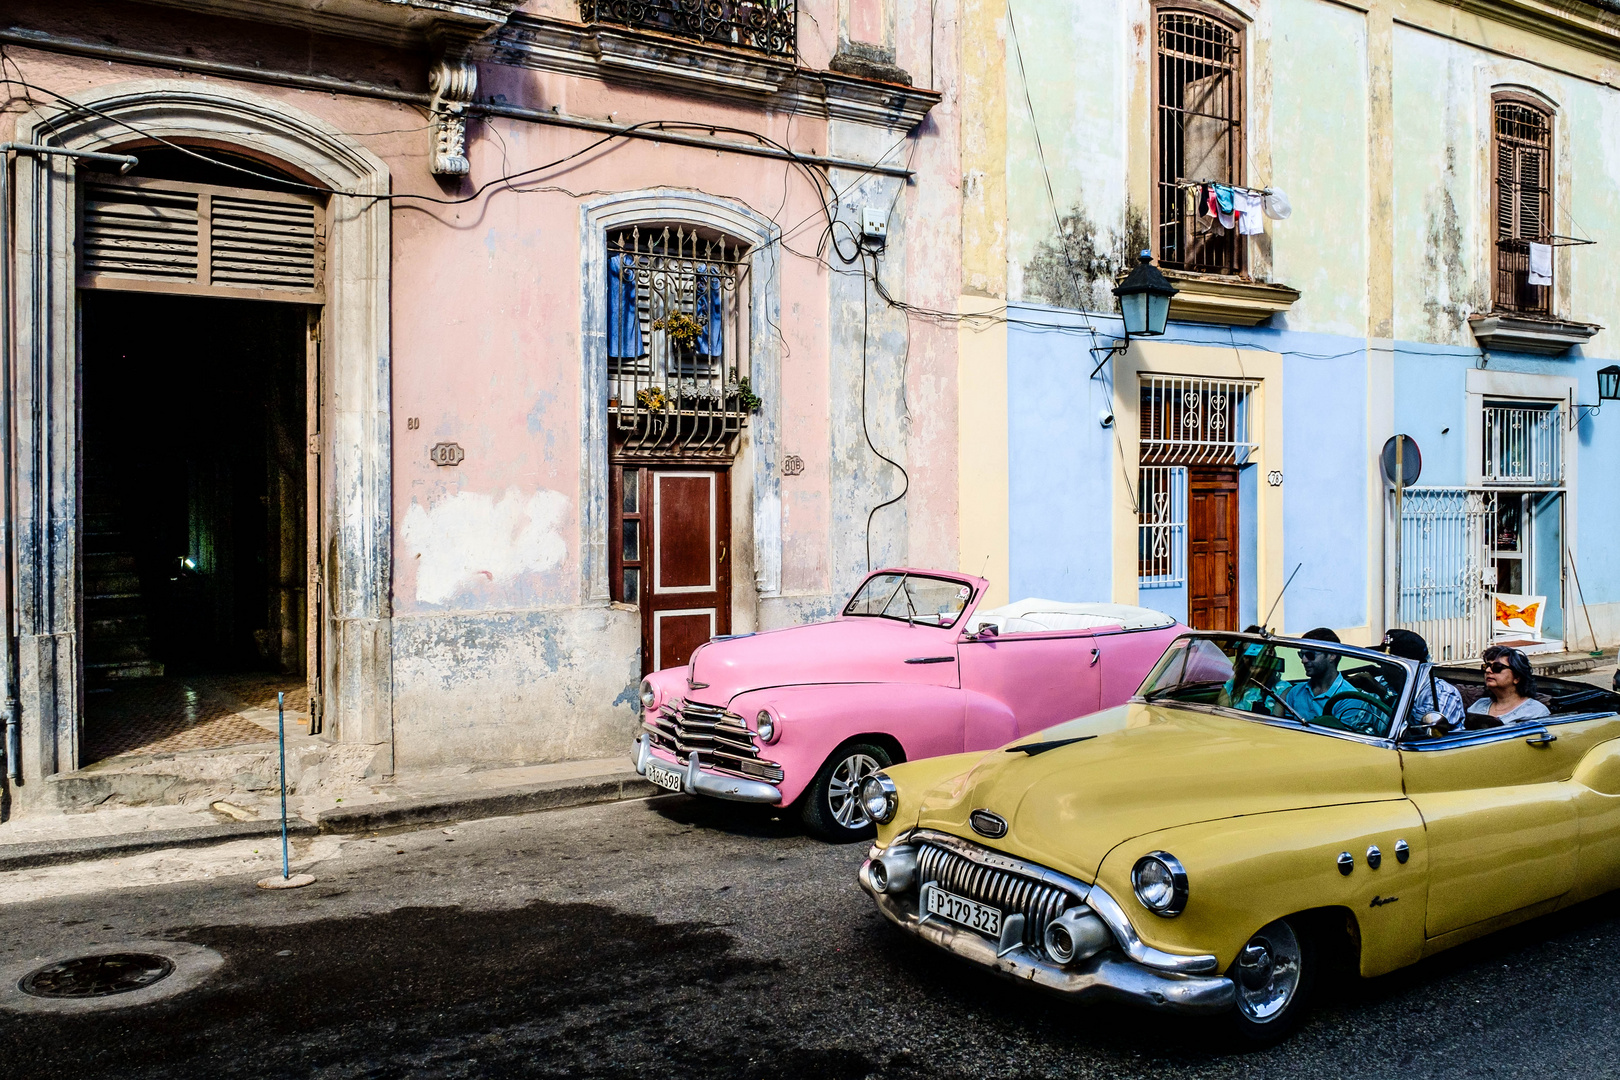 La bella Habana, una de las ciudades más interesantes de Latinoamérica